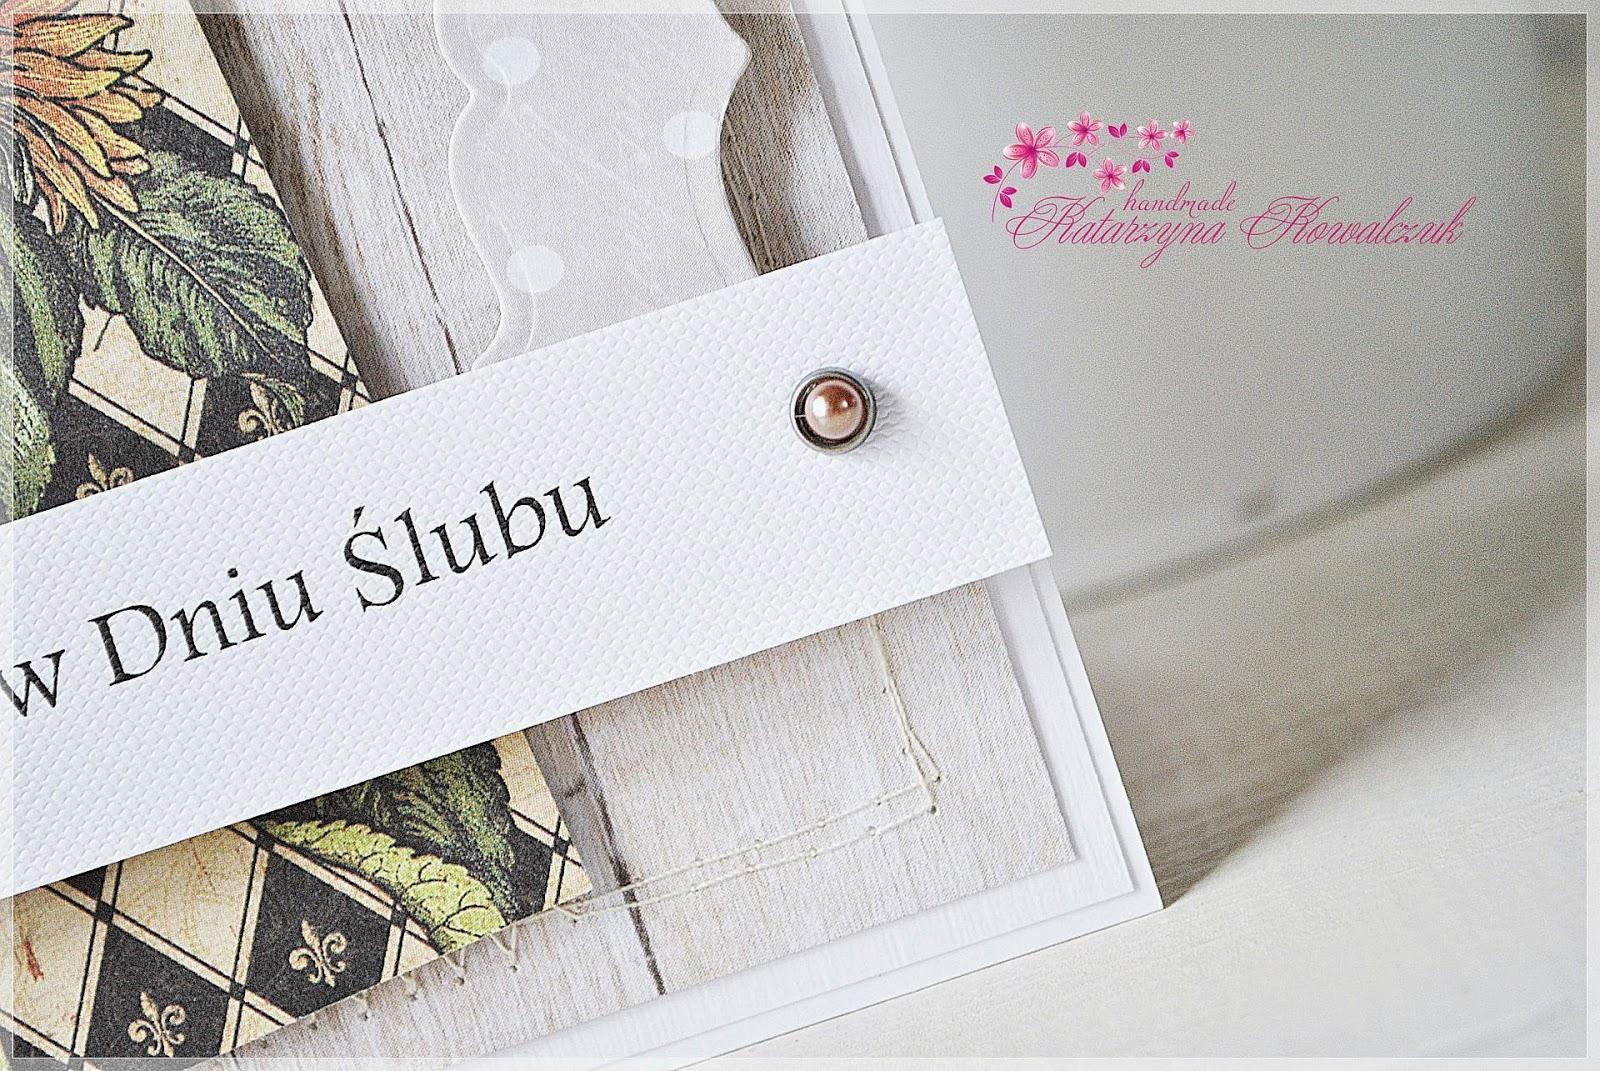 kartka ślubna w stylu wiejskim scrapbooking